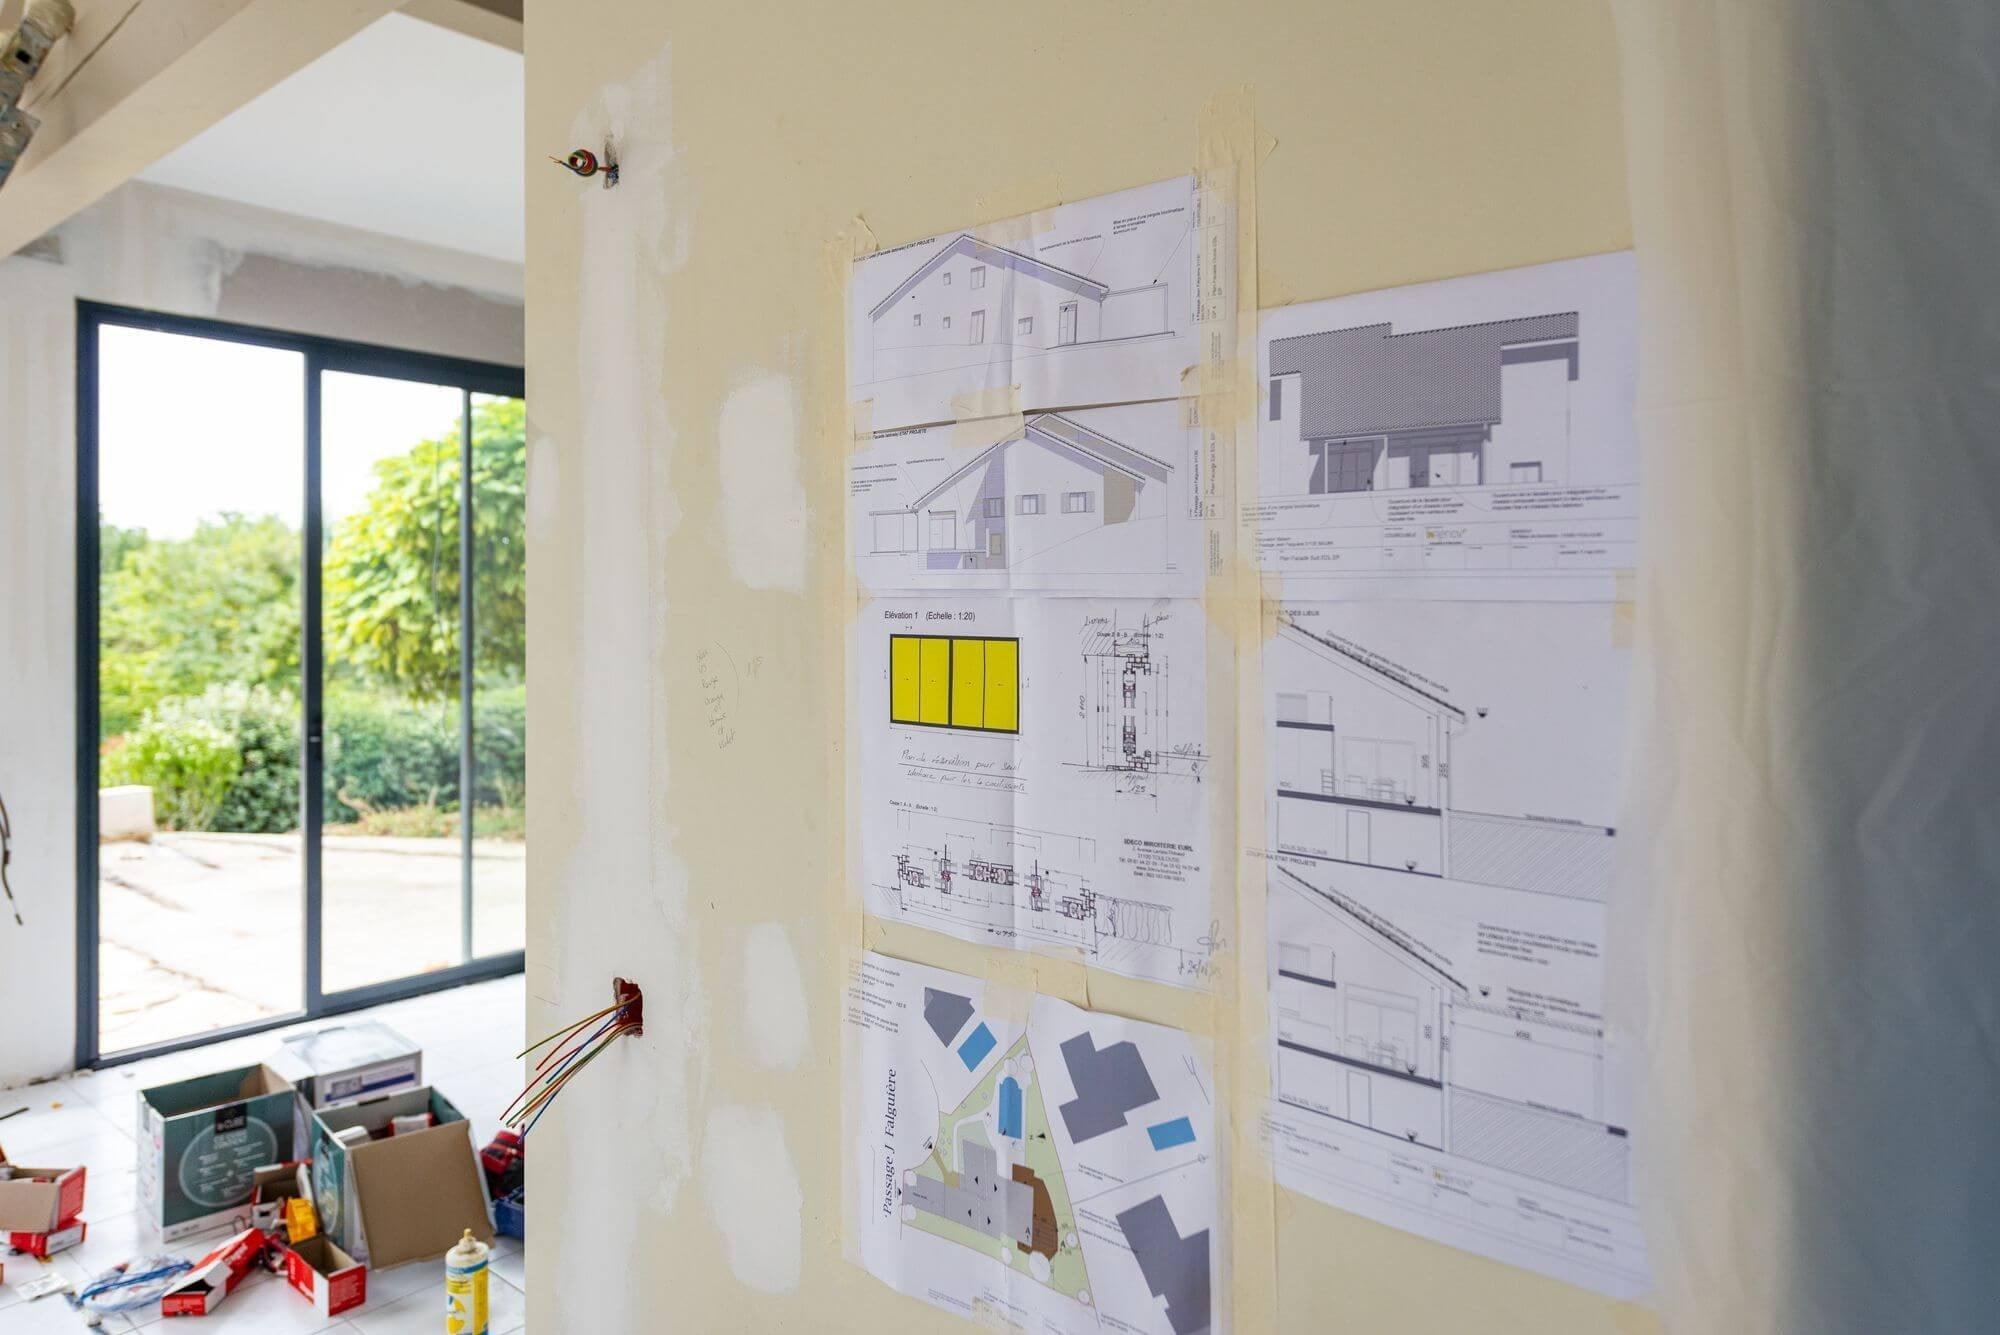 Déclinaisons plan Architecte, plans architecte, plan architecture